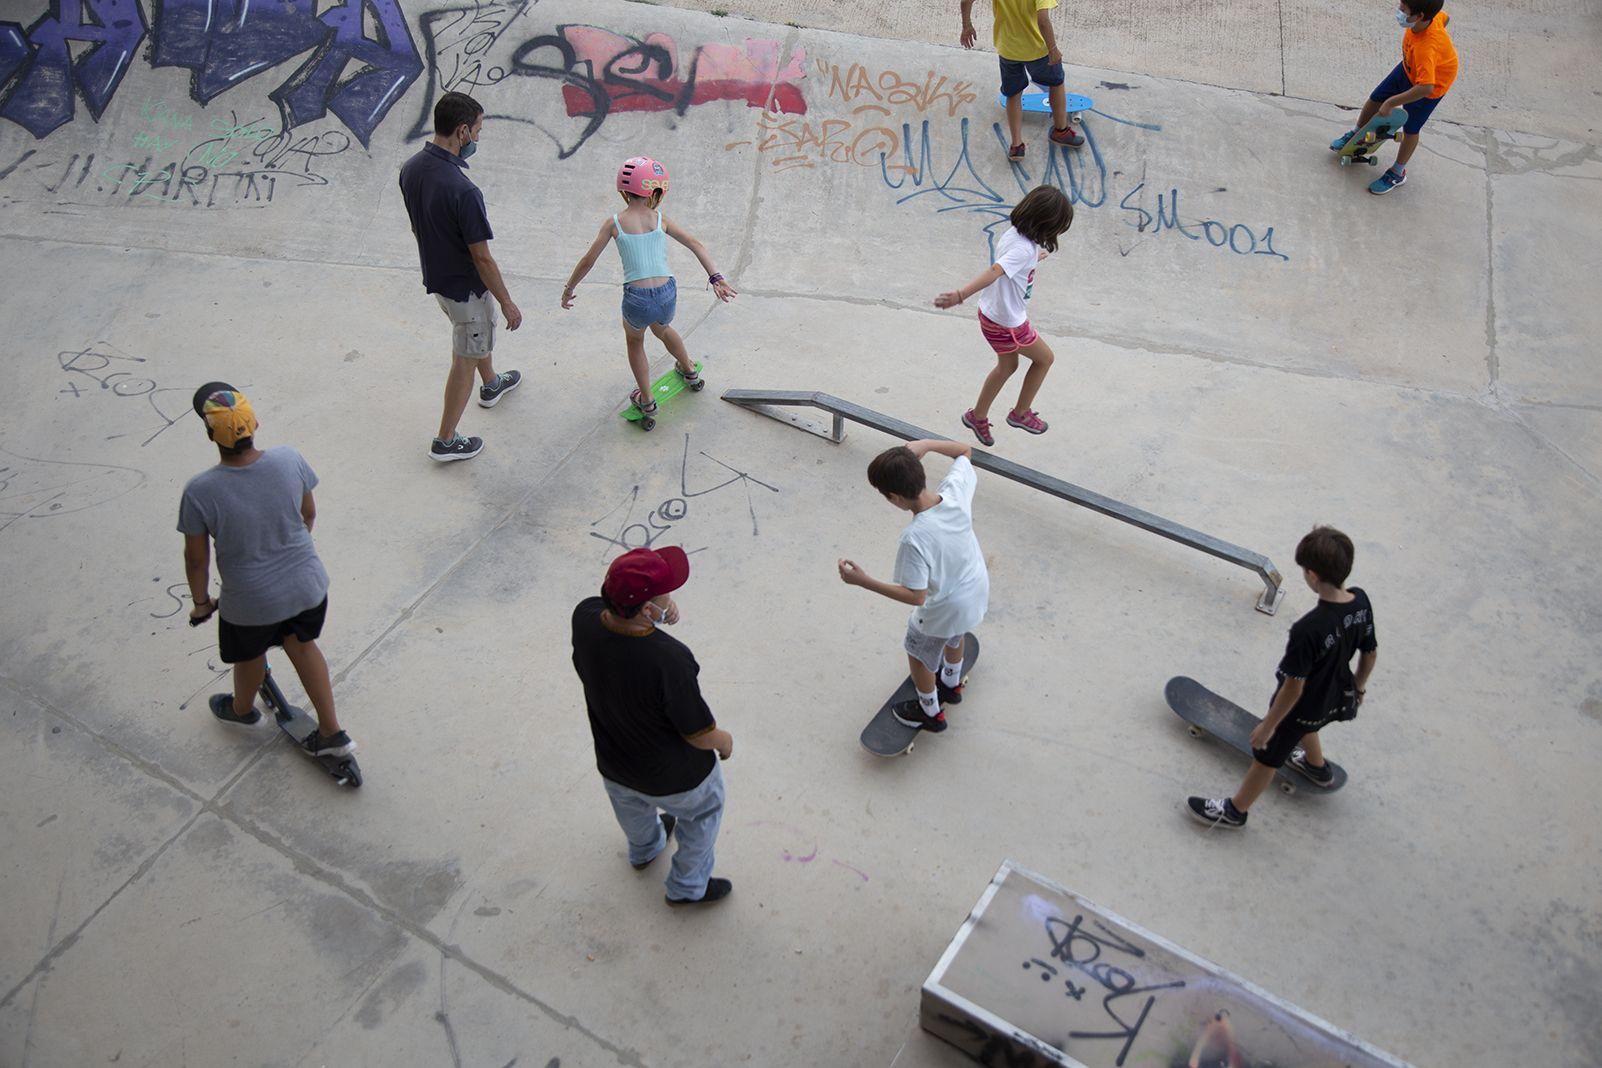 Taller de skate i patinet a la FM Les Planes. FOTO: Anna Bassa